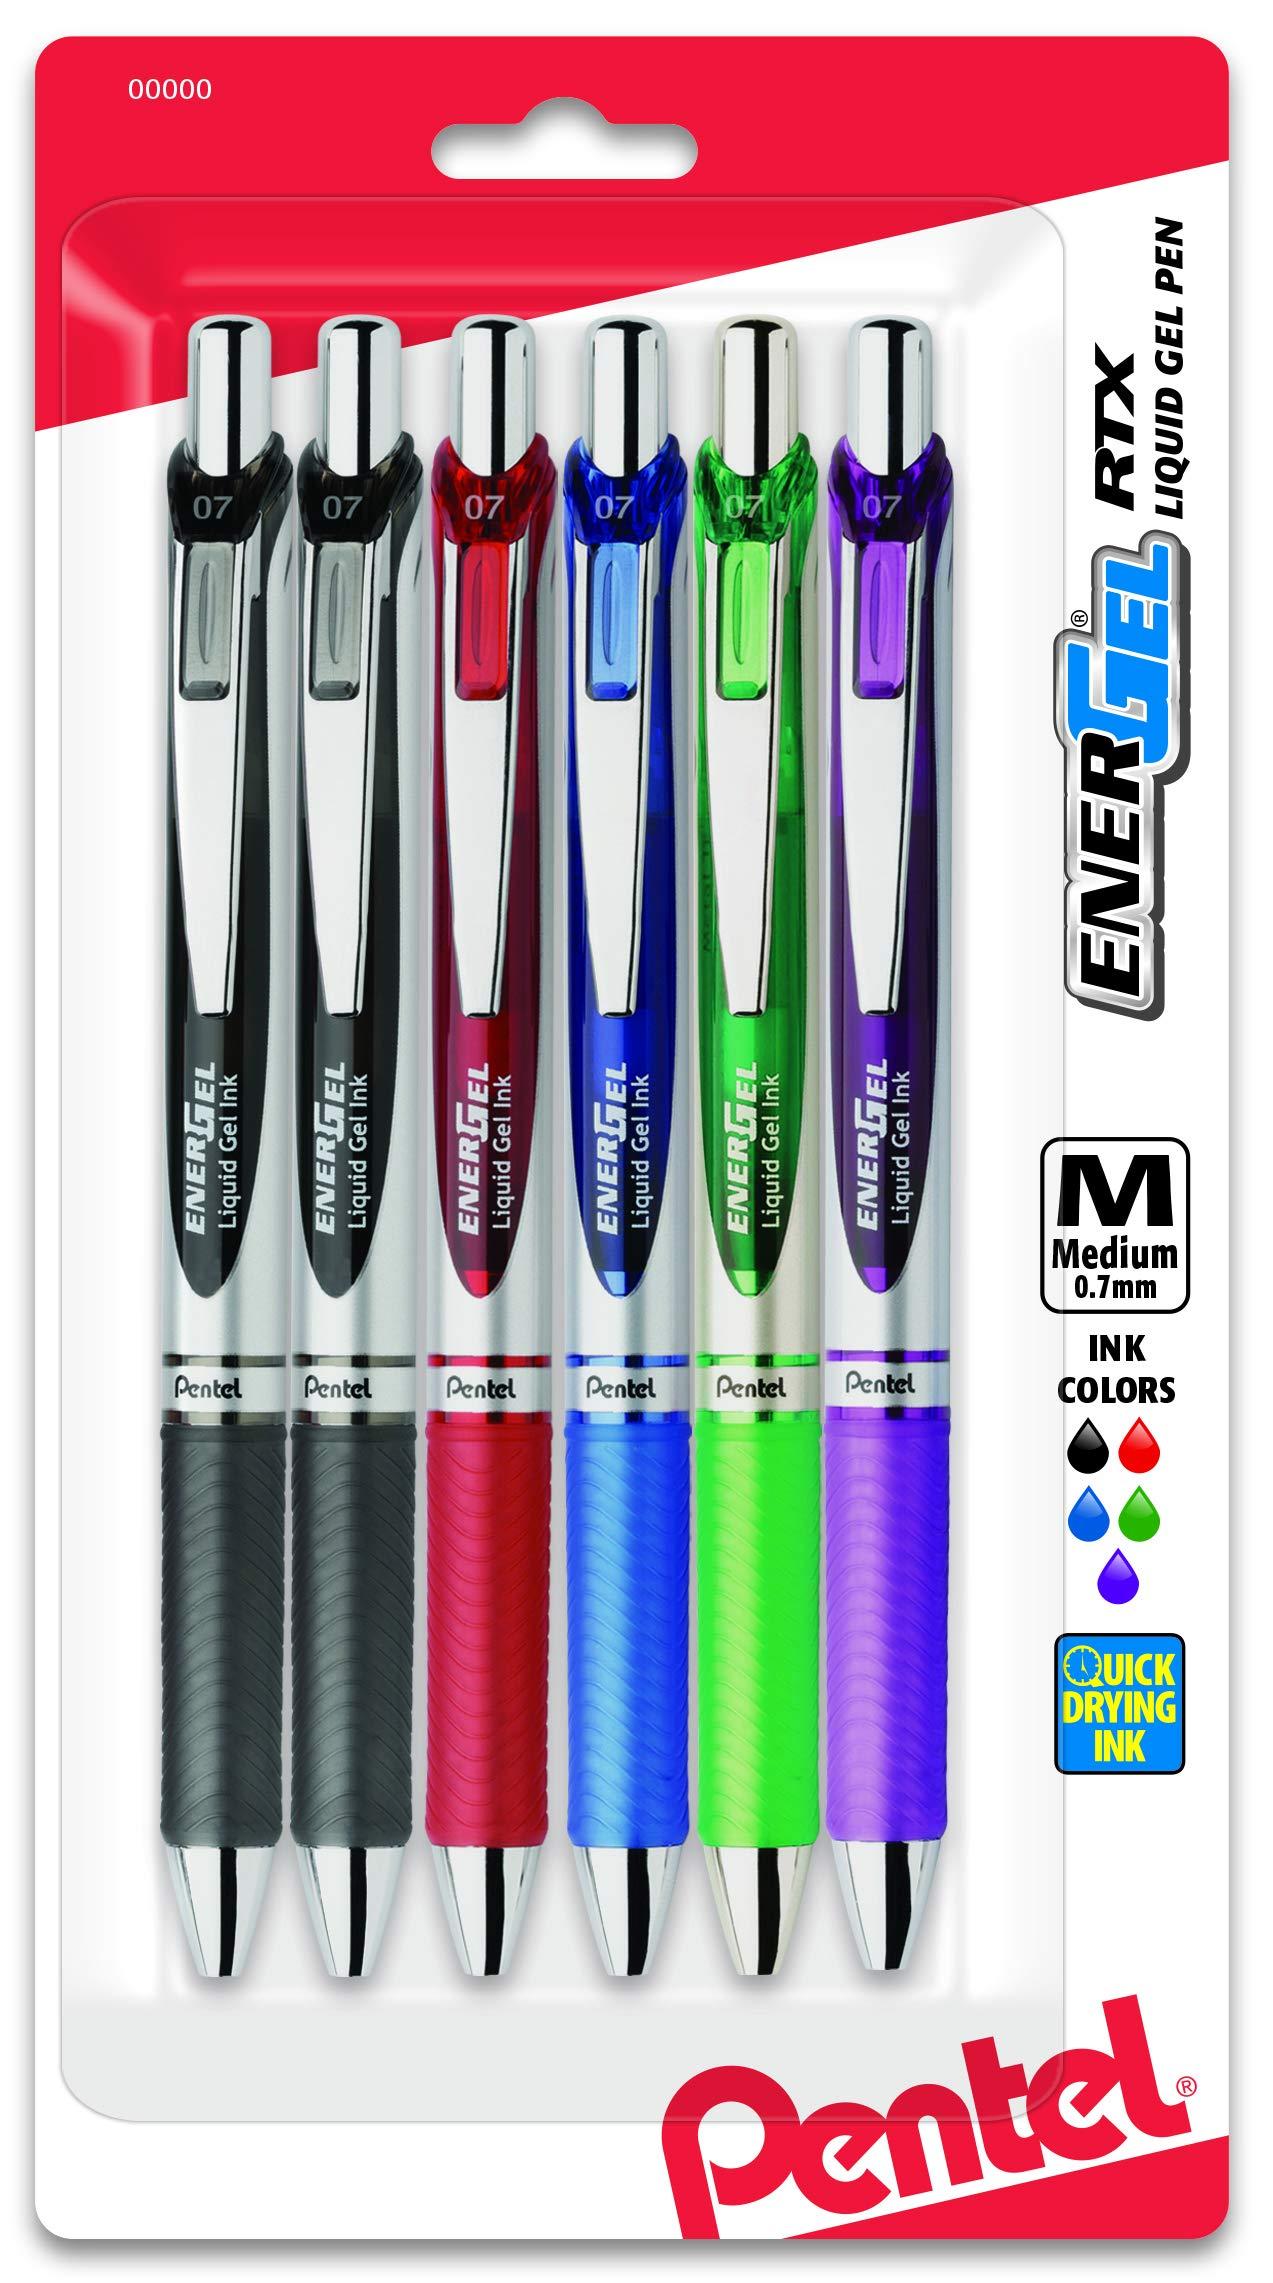 Pentel EnerGel Deluxe RTX Gel Ink Pens, 0.7 Millimeter Metal Tip, Assorted Colors,  6 Pack (BL77BP6M) by Pentel (Image #8)